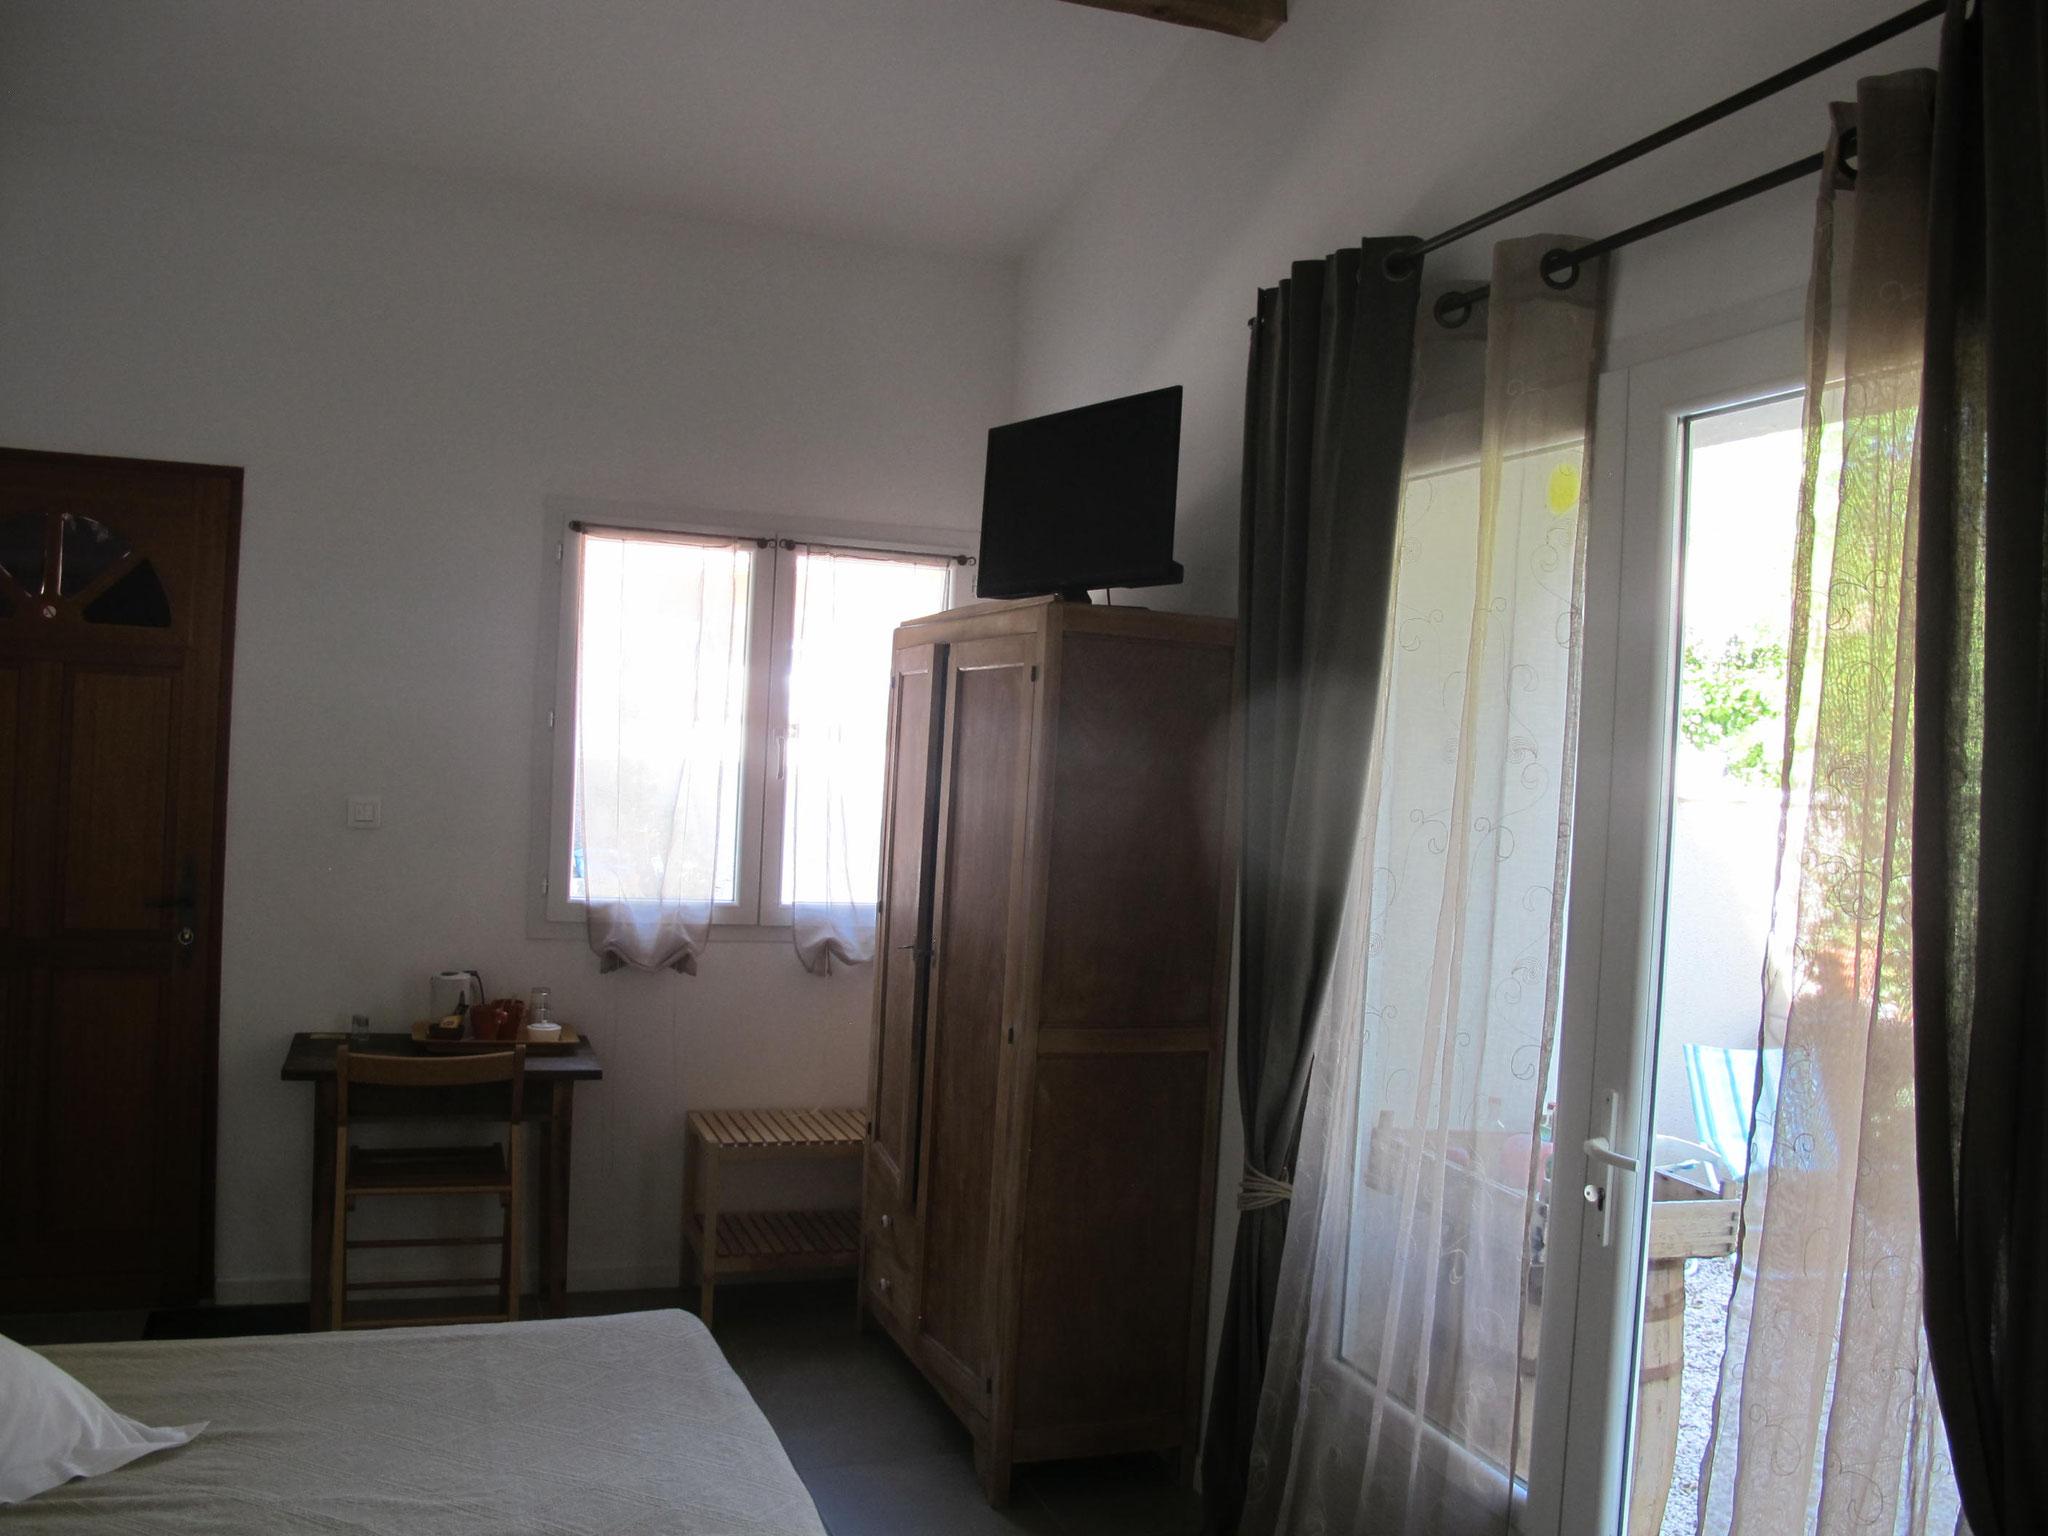 loucardaline-bedoin-ventoux-chambre d hotes-vaucluse-double ou twin classic-randonnée